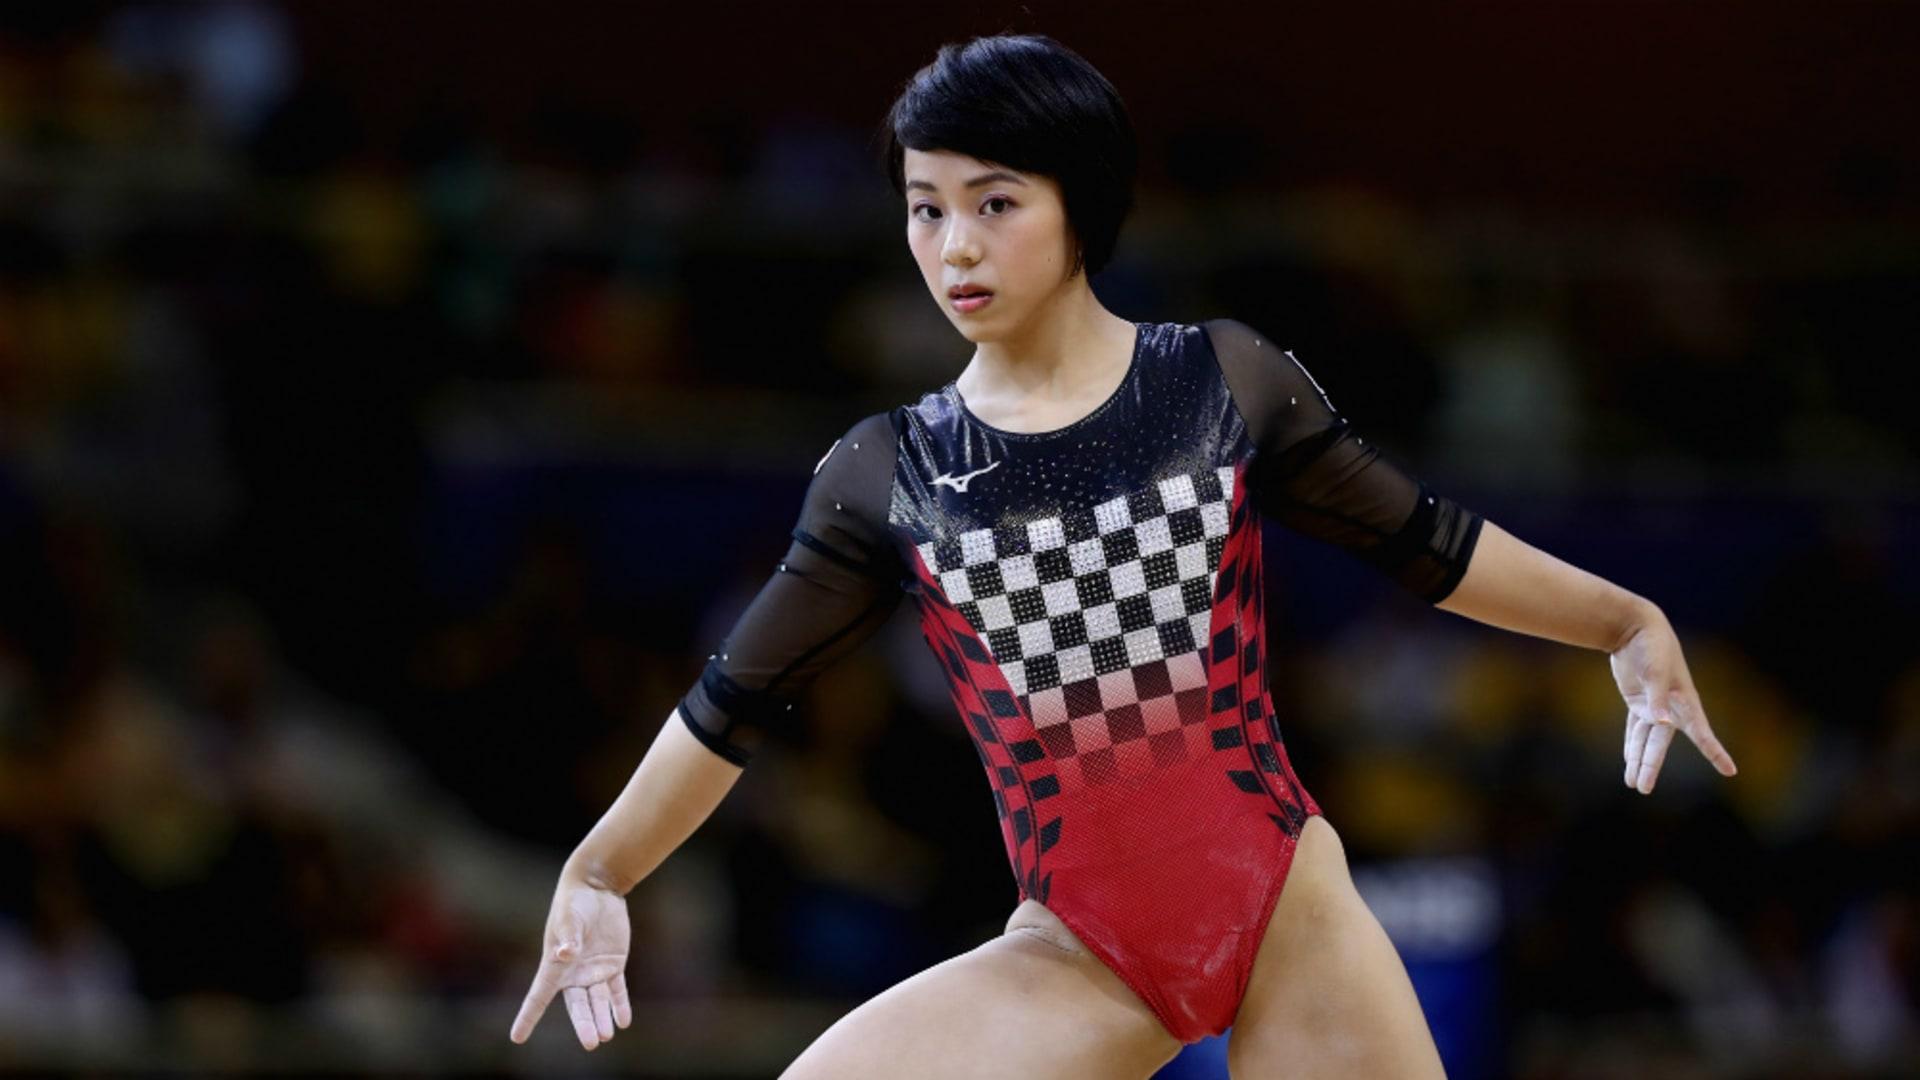 東京オリンピック出場枠争い】体操:出場枠は男女それぞれ98名ずつ ...